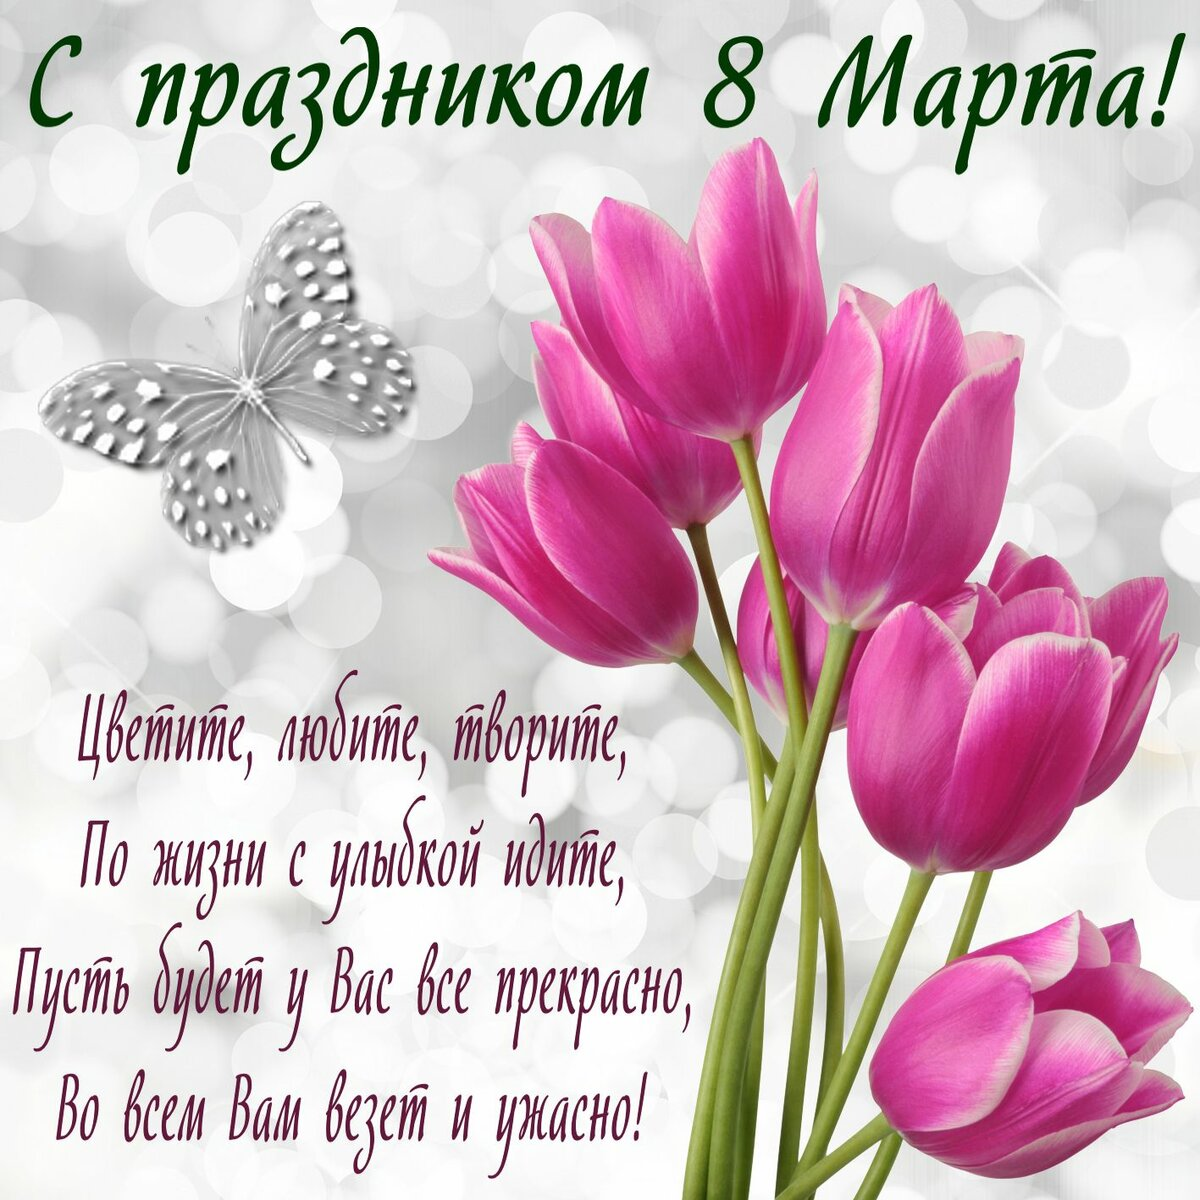 Марта, открытки для одноклассников с 8 мартом